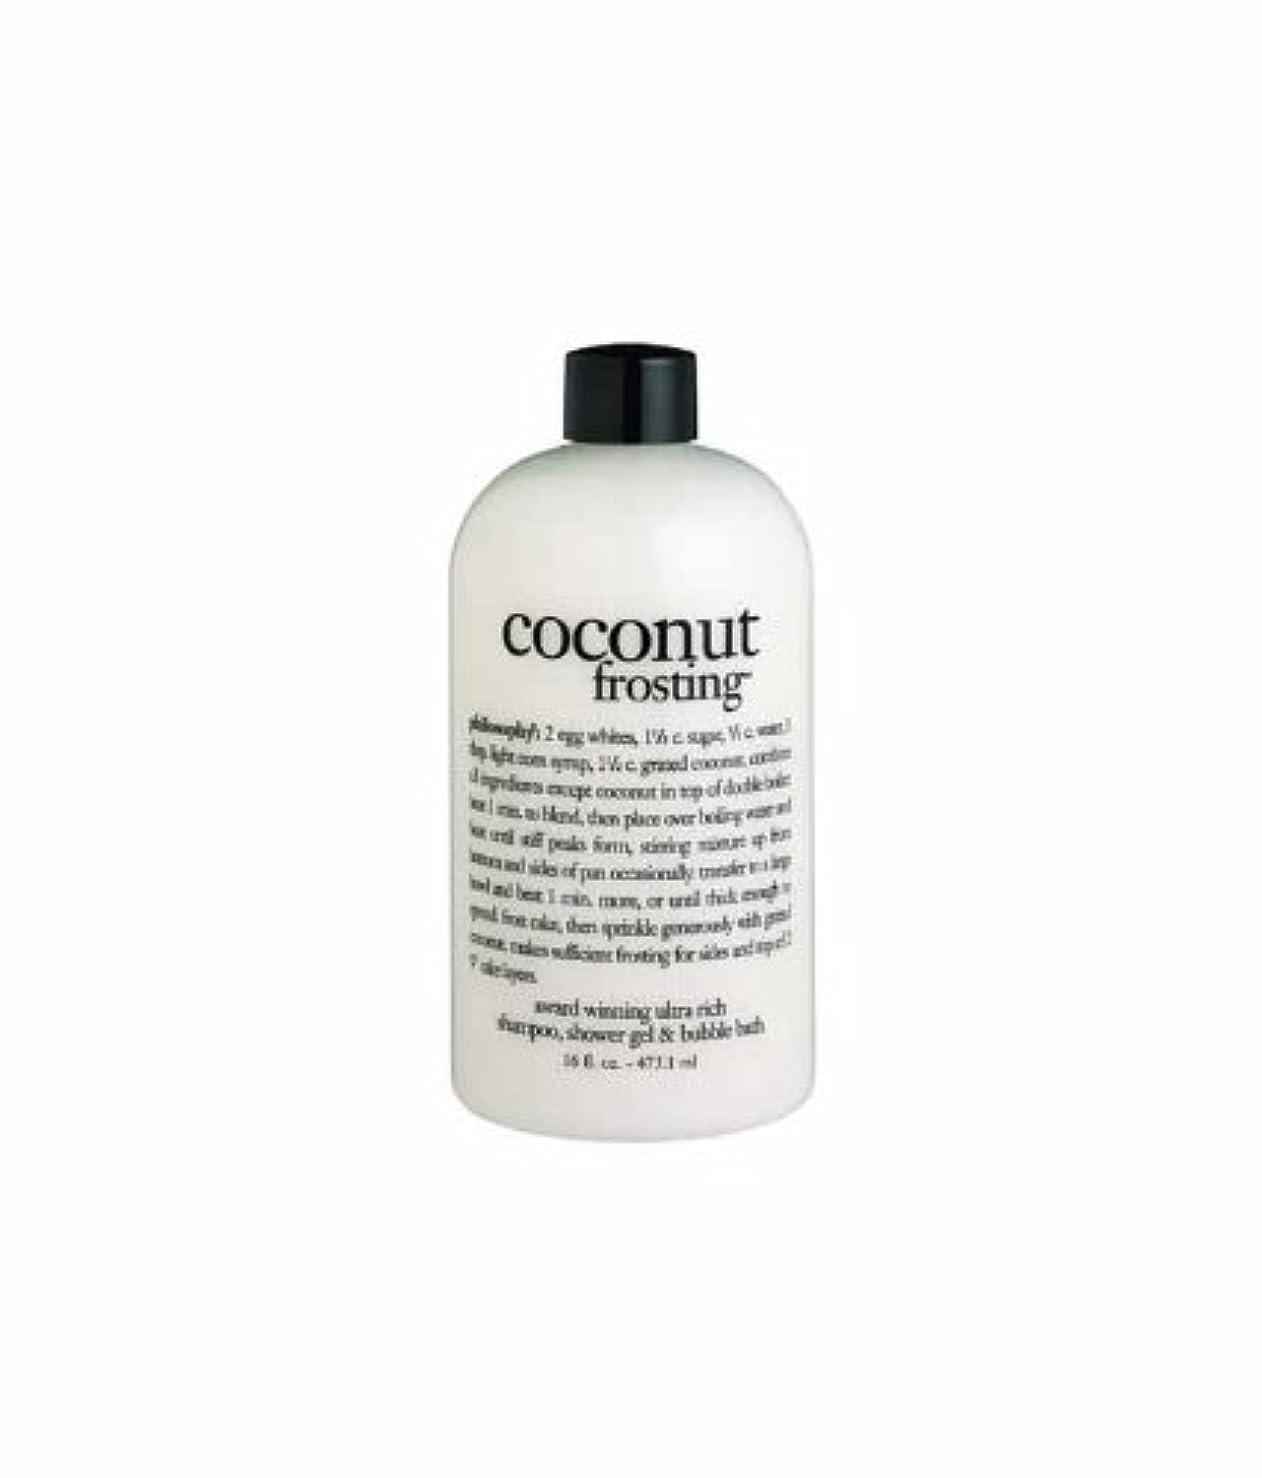 怒って受け入れる提唱するby Coconut Frosting - Shampoo, Shower Gel & Bubble Bath--480ml/16oz by Philosophy